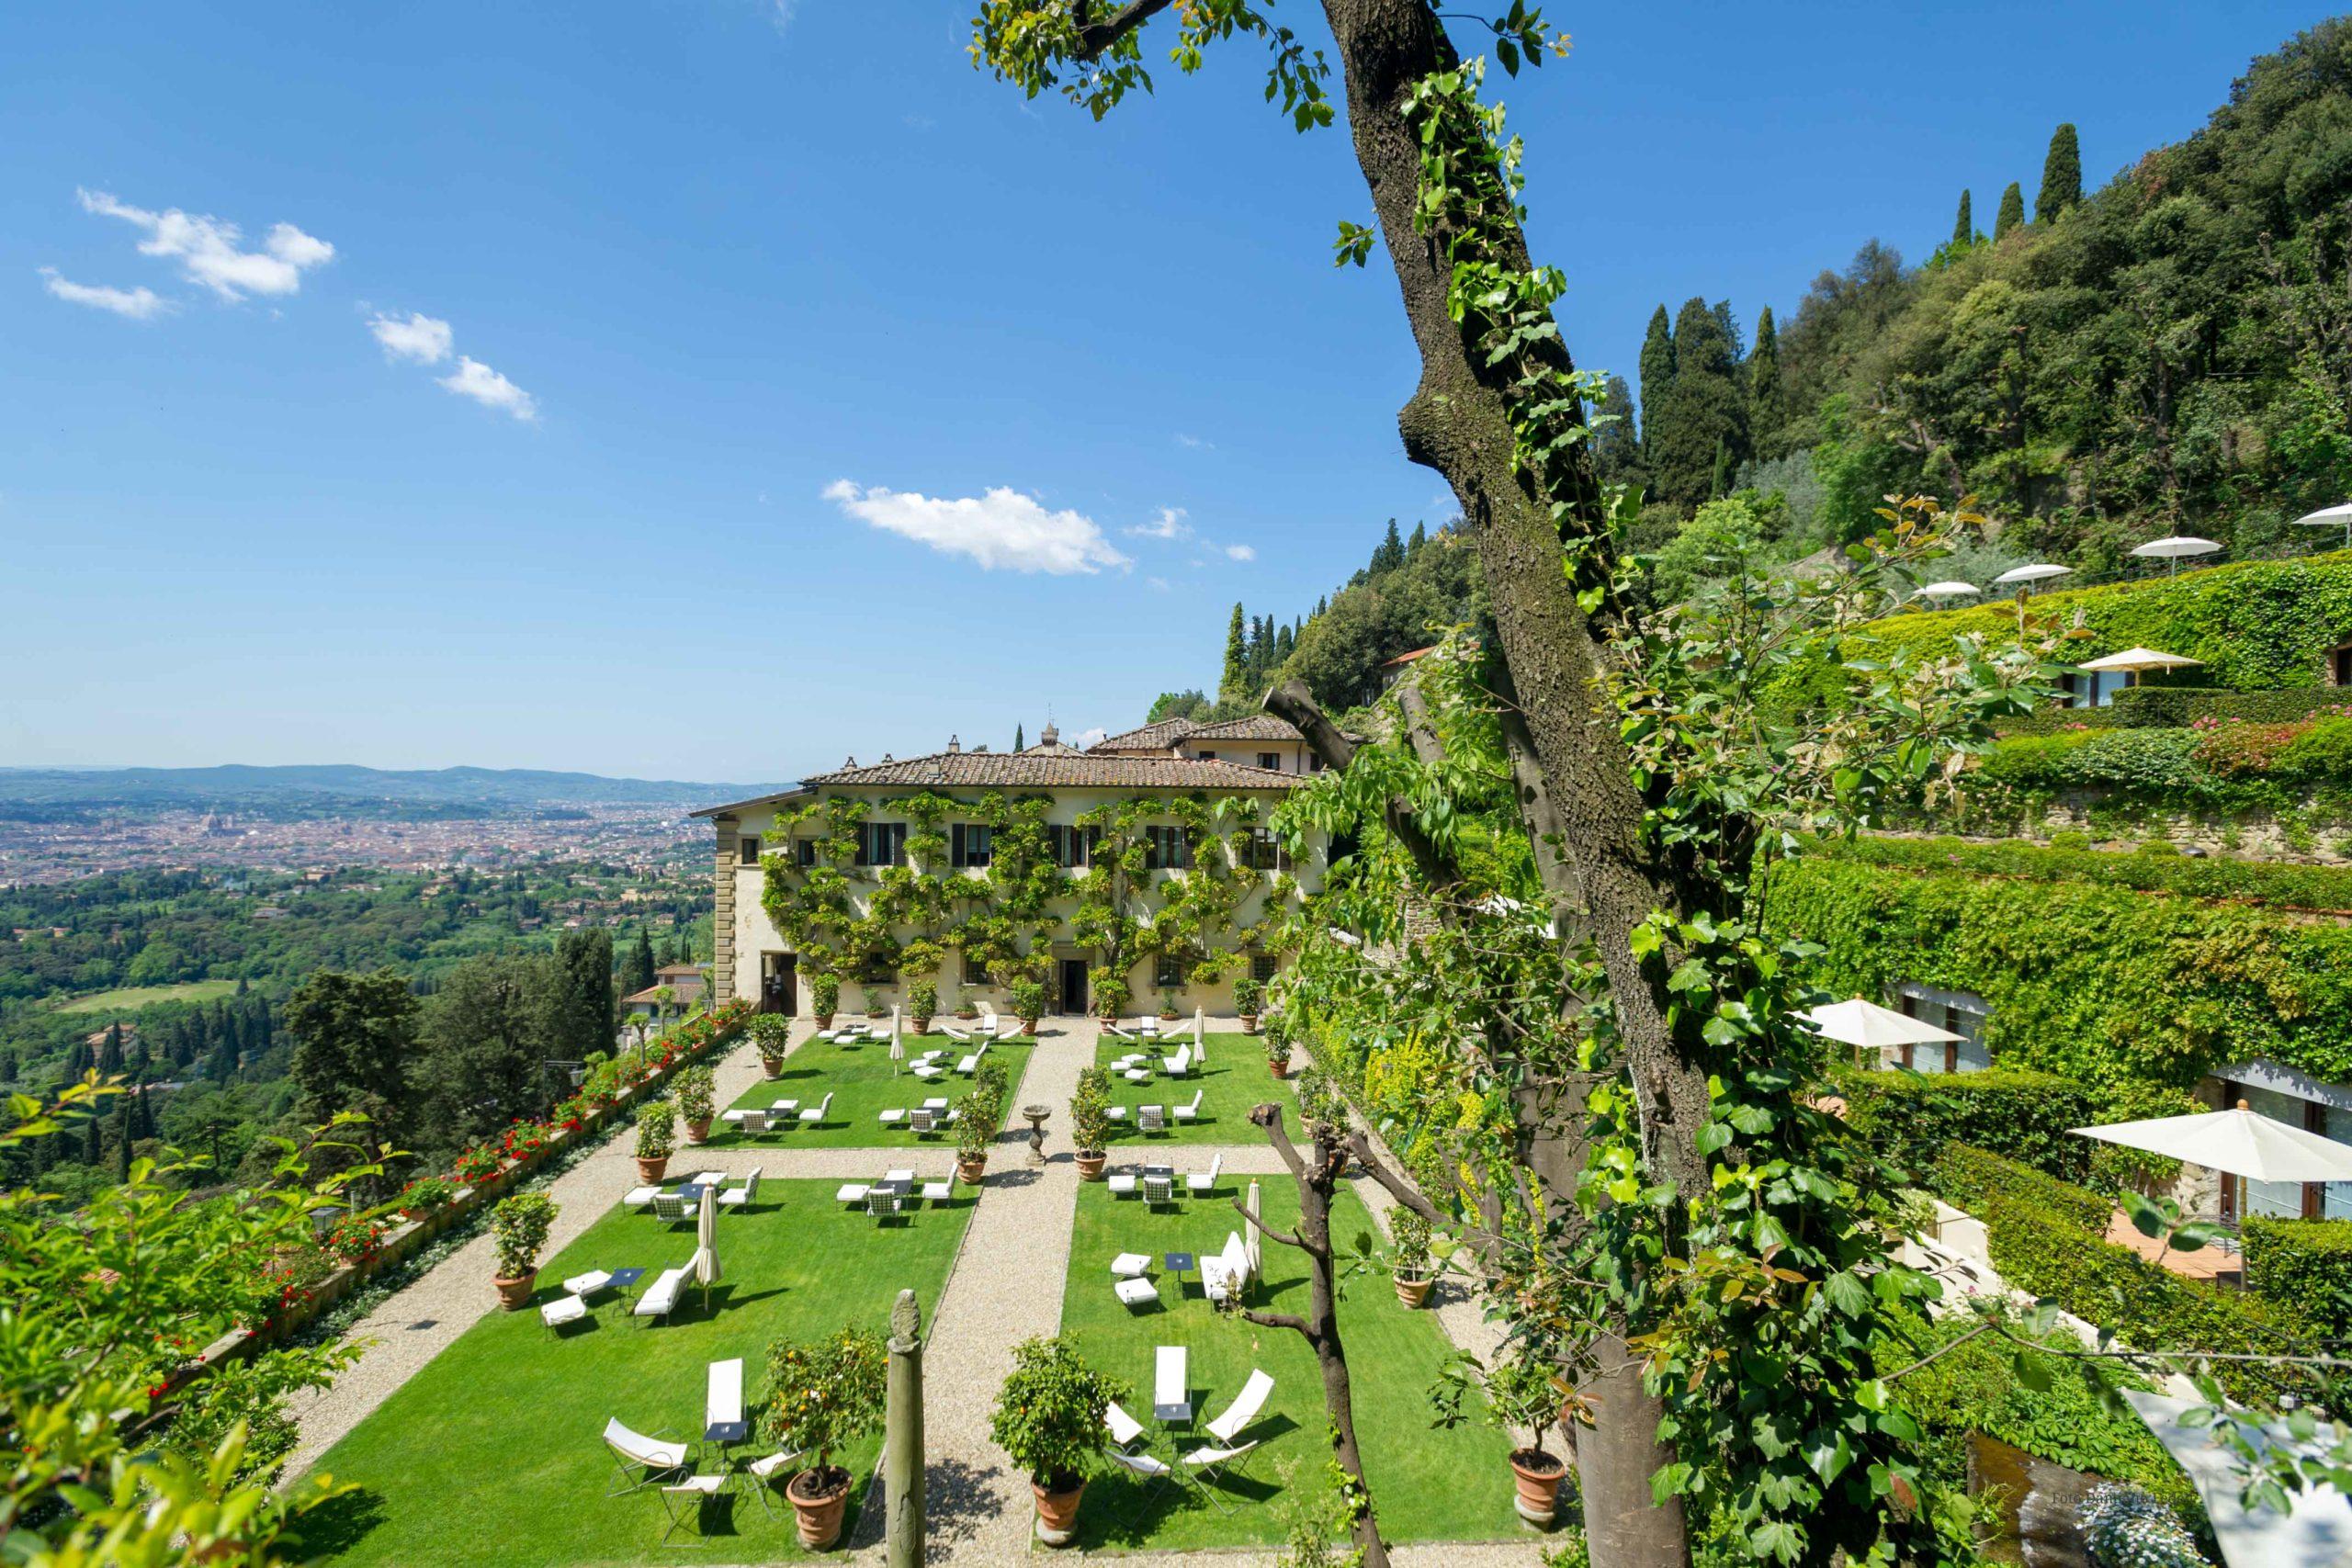 Hotel cinque stelle: il Villa San Michele riapre il 23 luglio